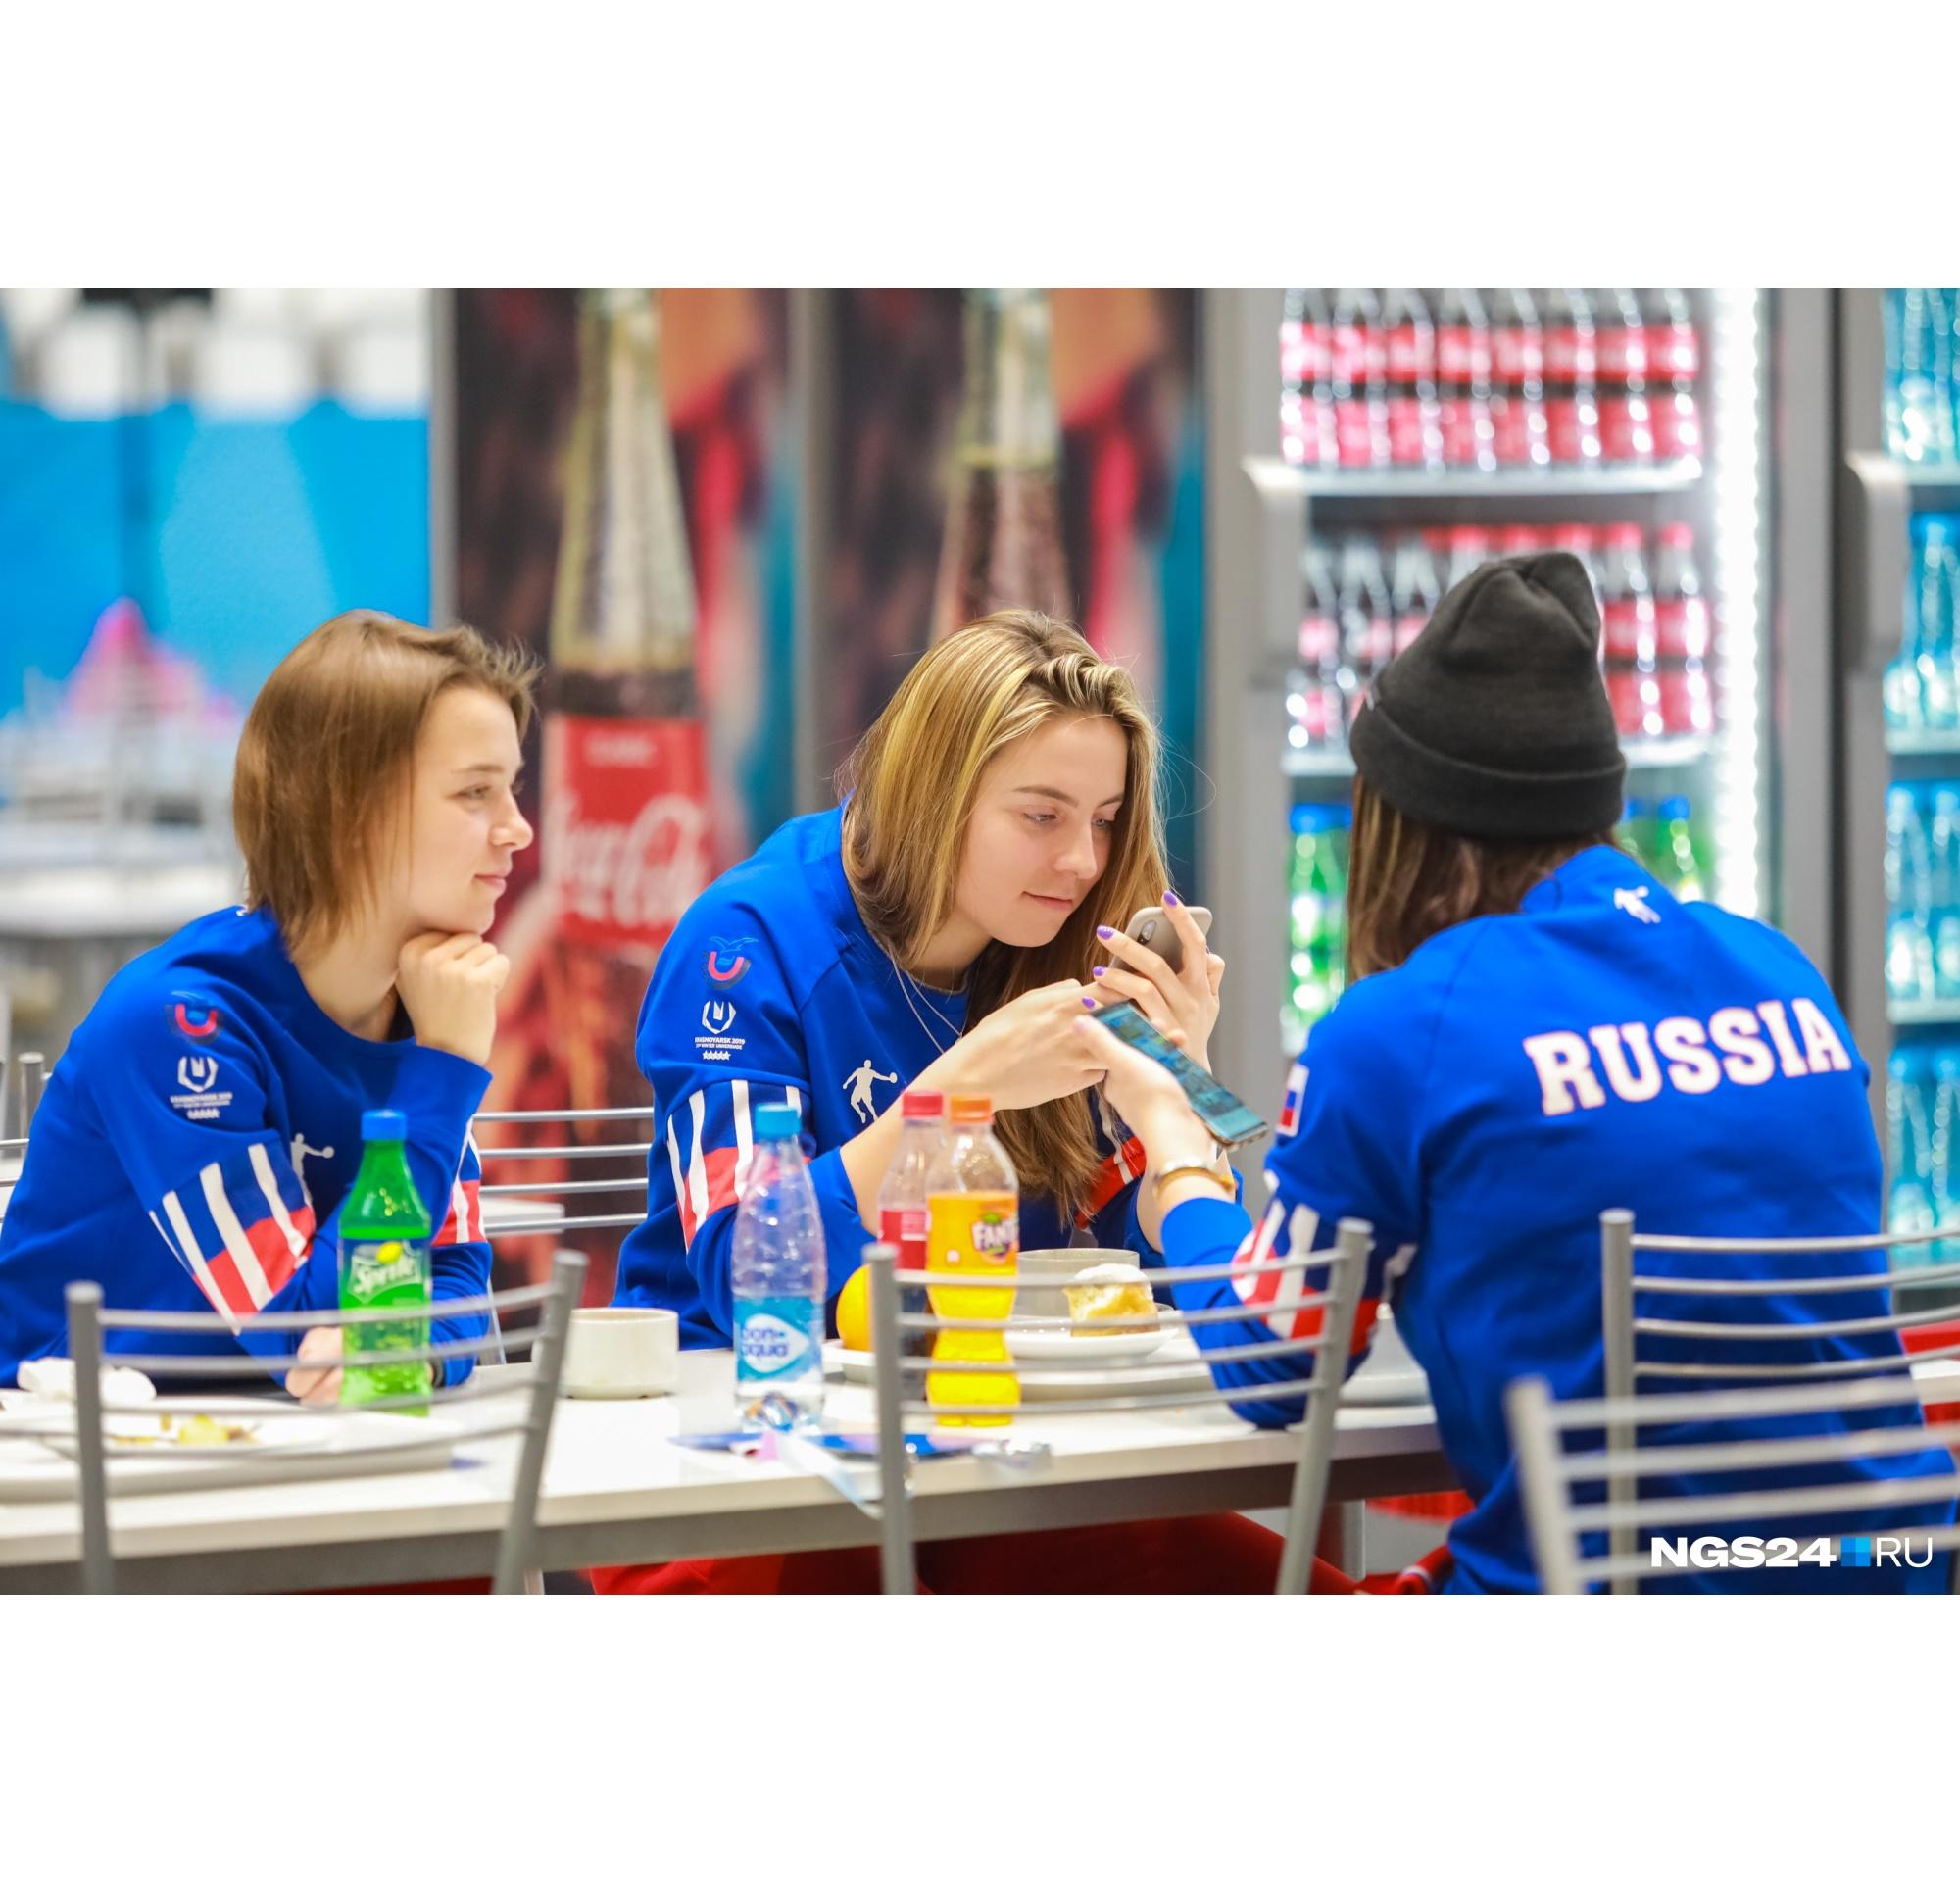 Рядом за столами сидят и спортсменки сборной России